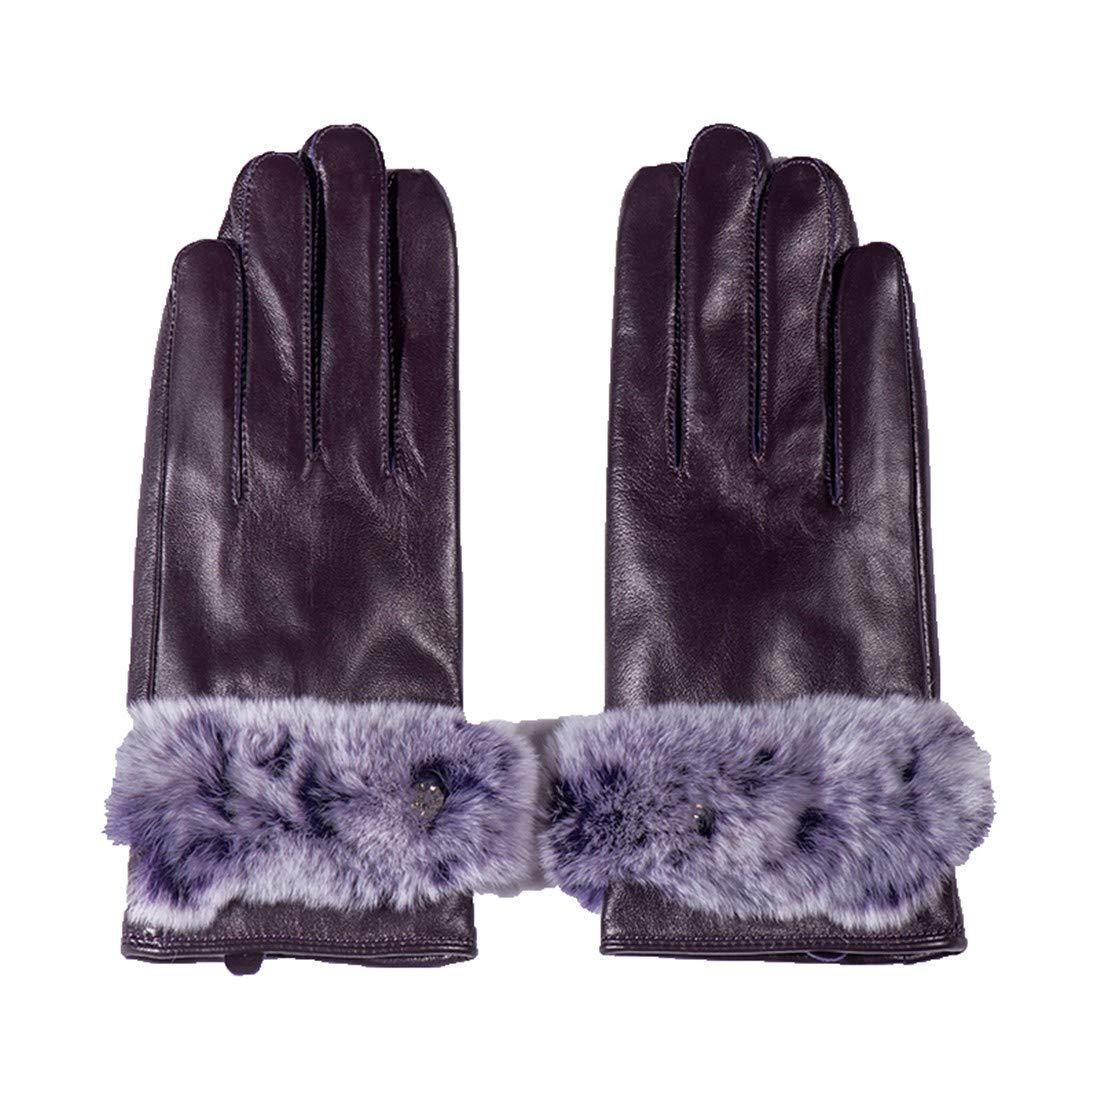 BYMHH Lederhandschuhe Herbst und Winter Schaffell Handschuhe, lila, M